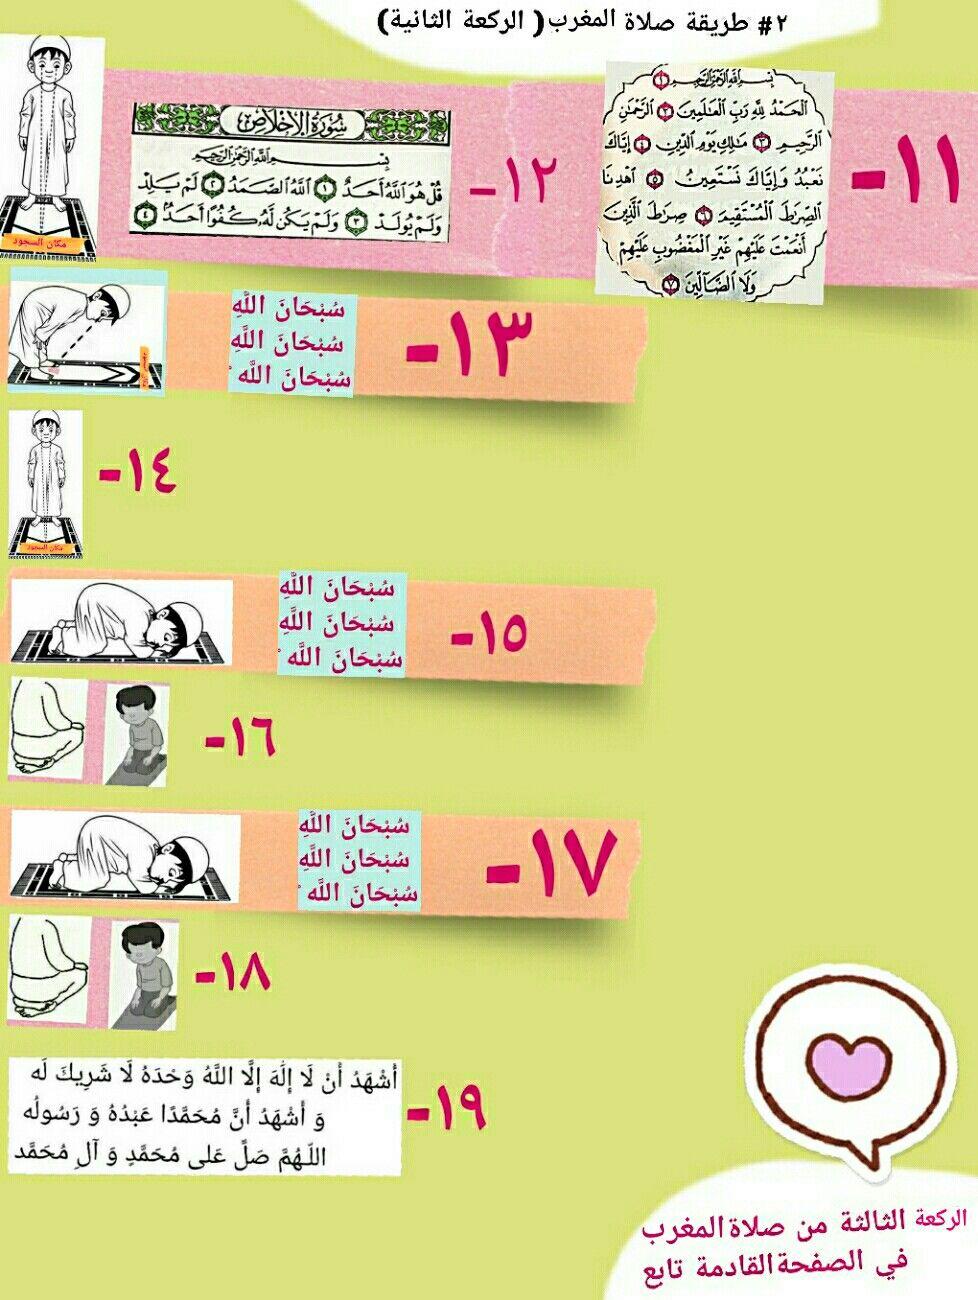 ٢ طريقة صلاة المغرب الركعة الثانية 10 Things Boarding Pass